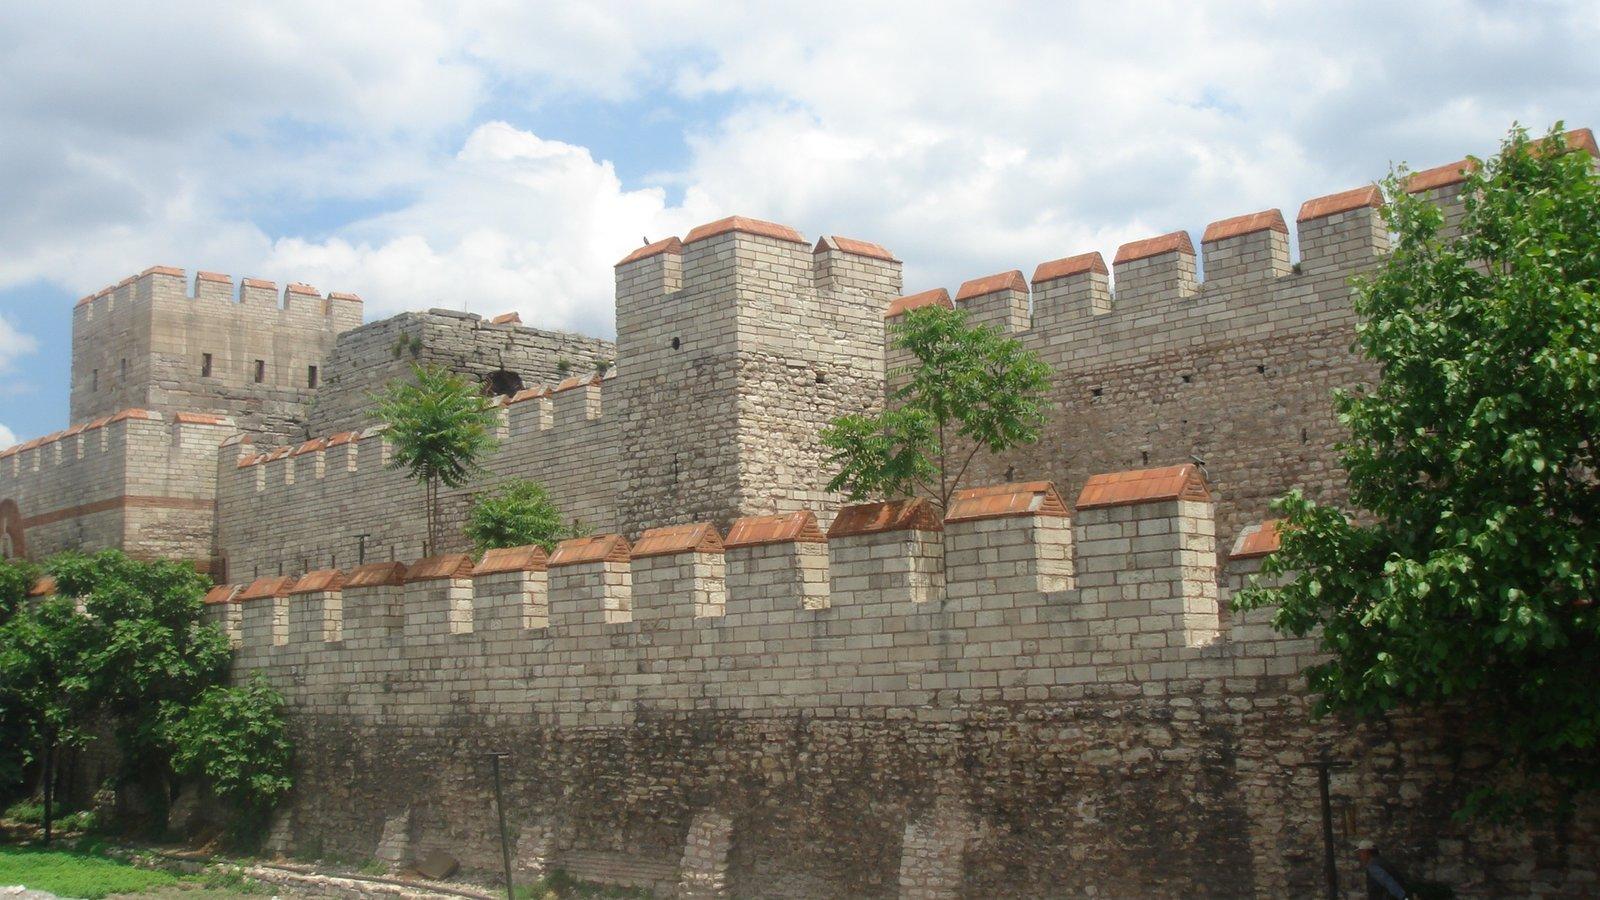 Tak zwane mury Konstantyna Źródło: Bigdaddy1204, Tak zwane mury Konstantyna, licencja: CC BY-SA 3.0.